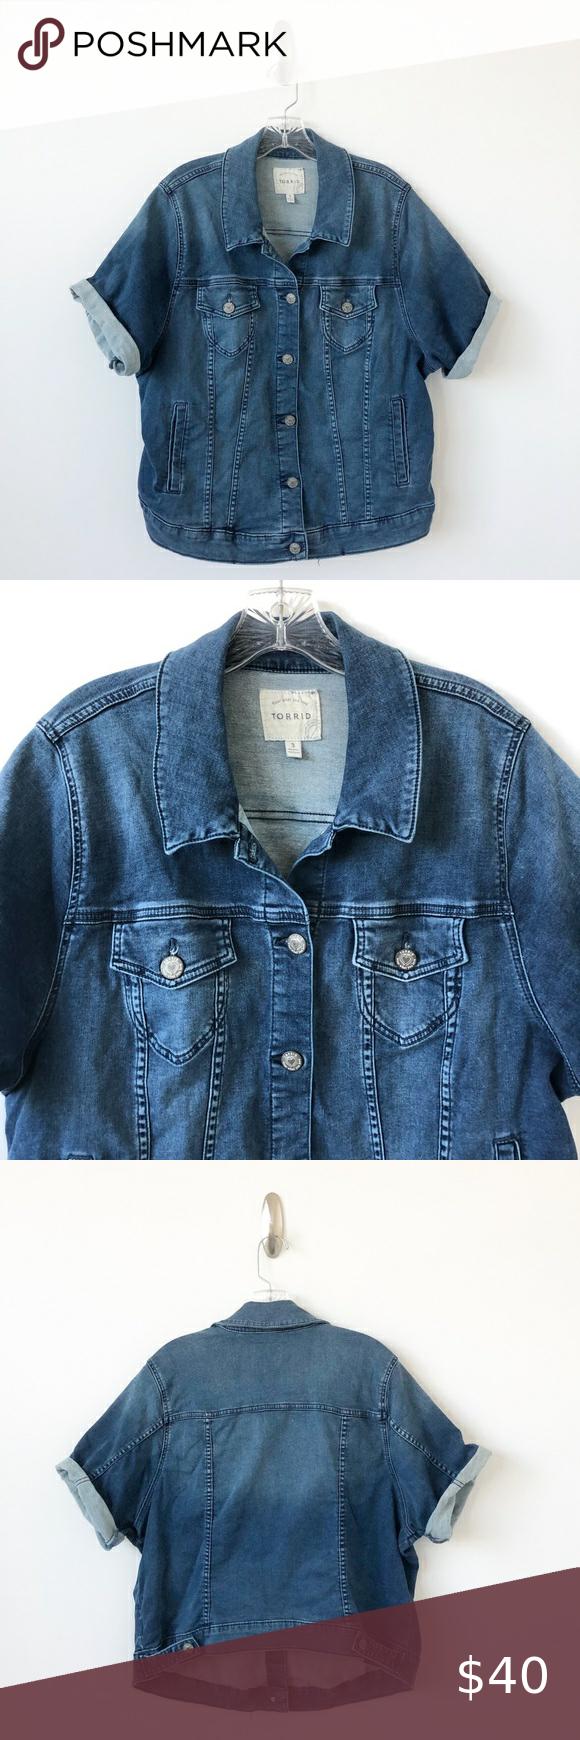 Torrid Denim Jacket Short Sleeves Blue Jean 3 3x Denim Jacket Short Denim Jacket Jackets [ 1740 x 580 Pixel ]